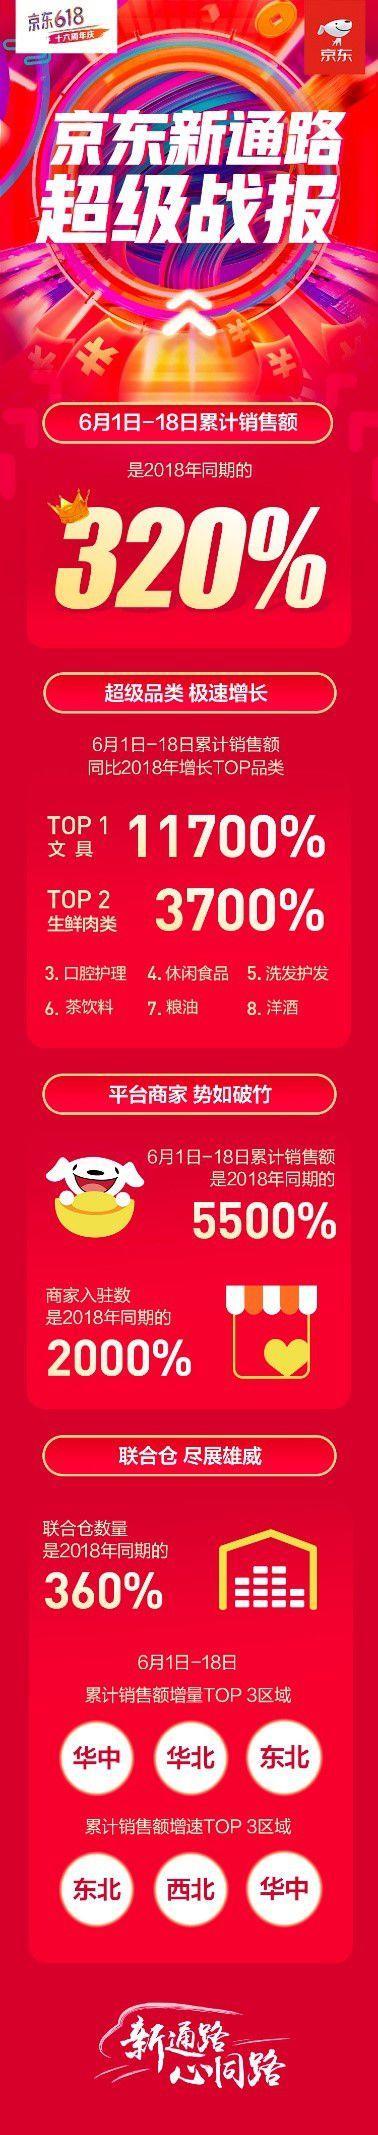 http://www.7loves.org/jiaoyu/662036.html